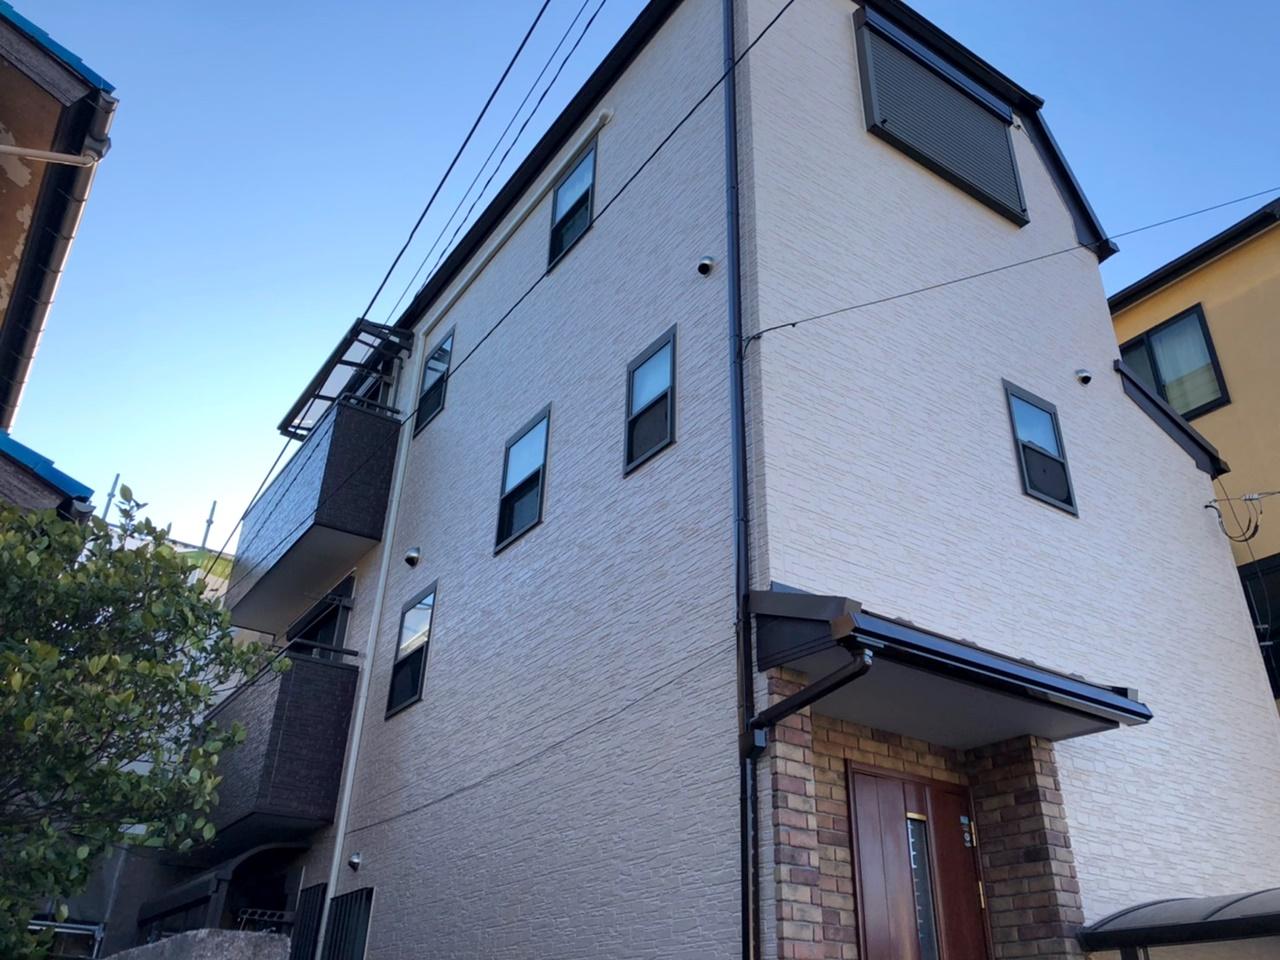 屋根GL鋼板カバー工法&外壁シリコン塗装!